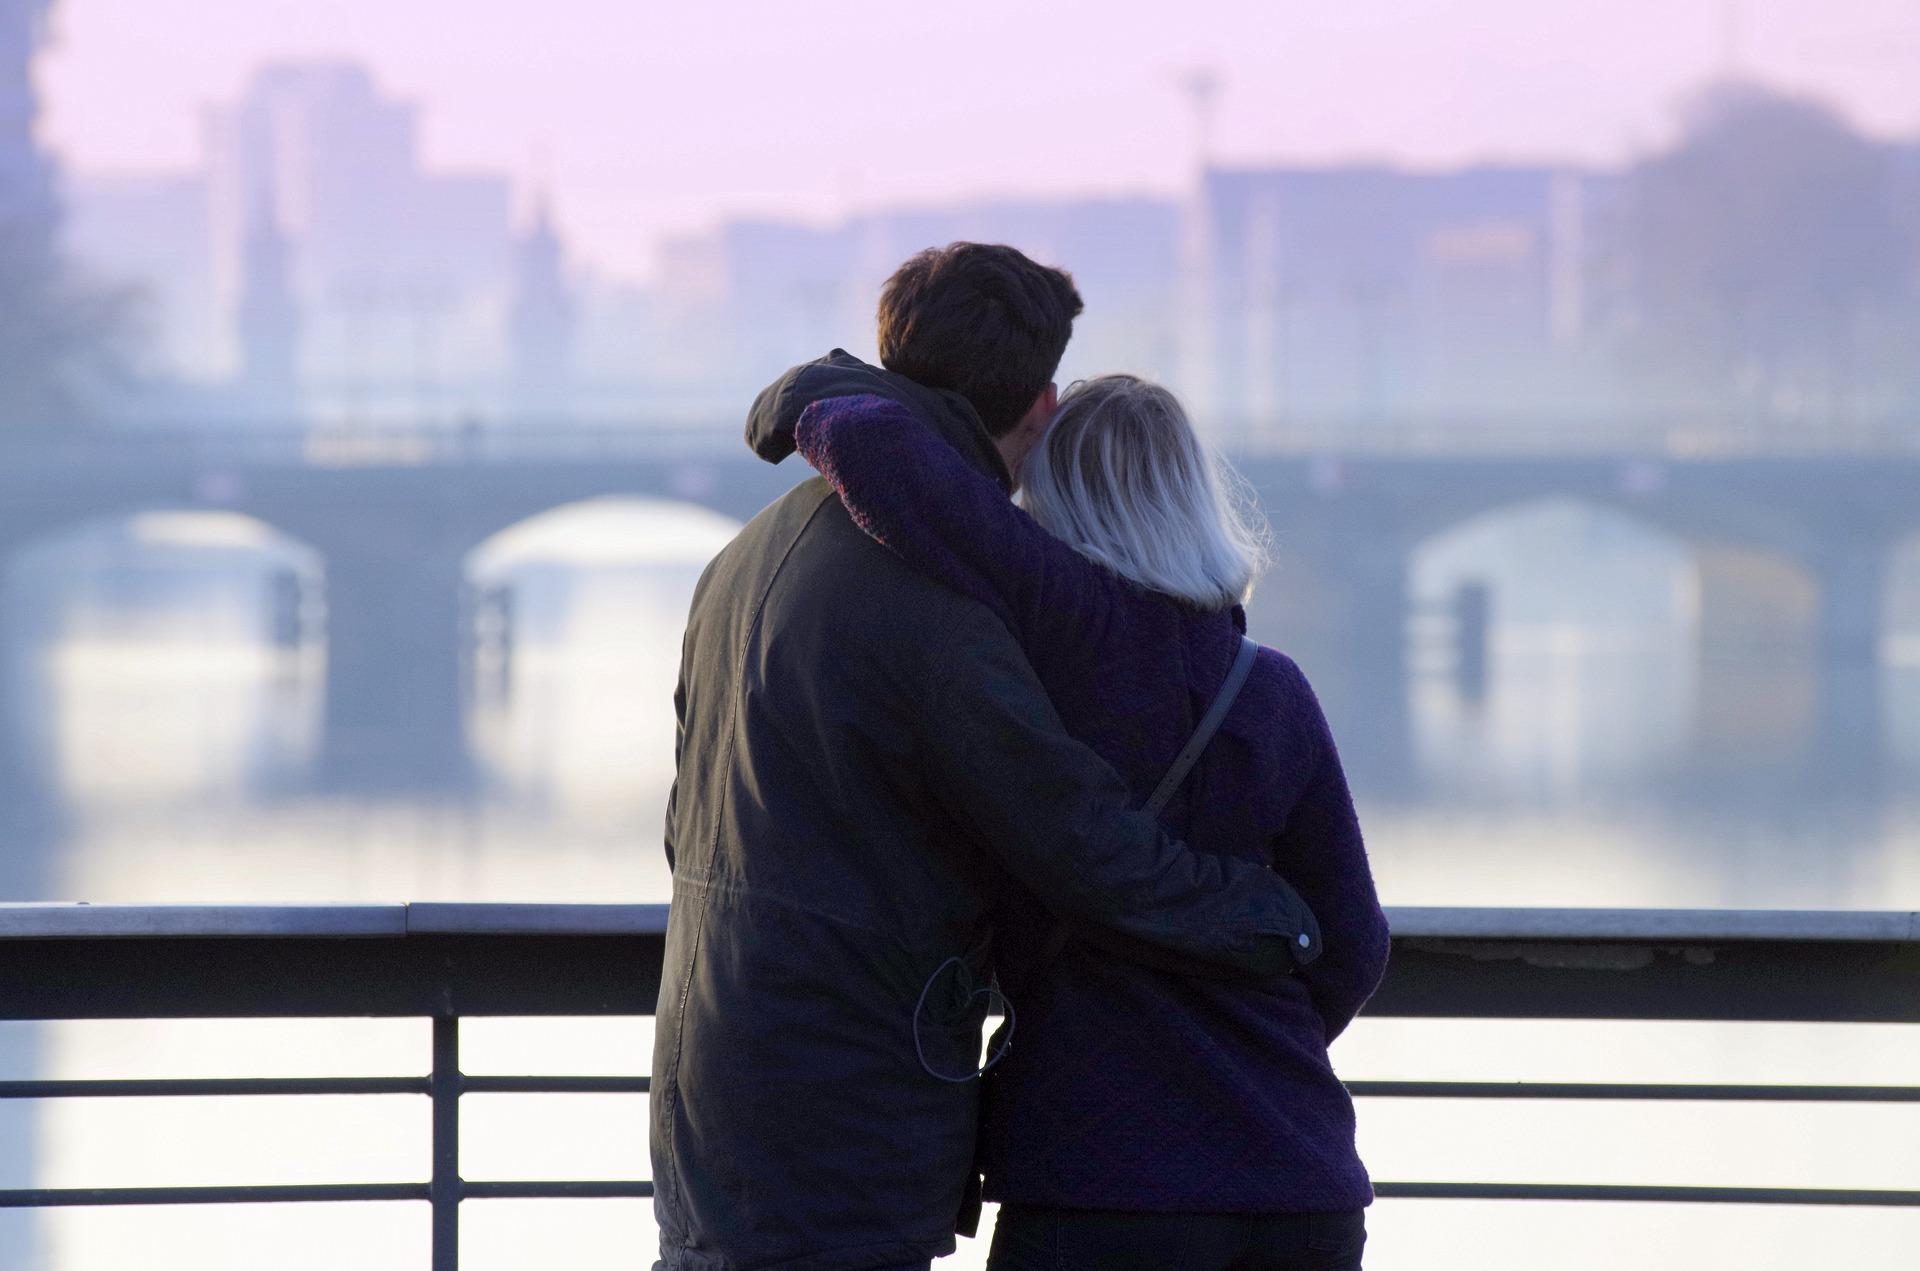 距離を置くタイミングと連絡をしないタイミングの見極め方!もっと不倫カップルの愛を深めるためには引くことが大切